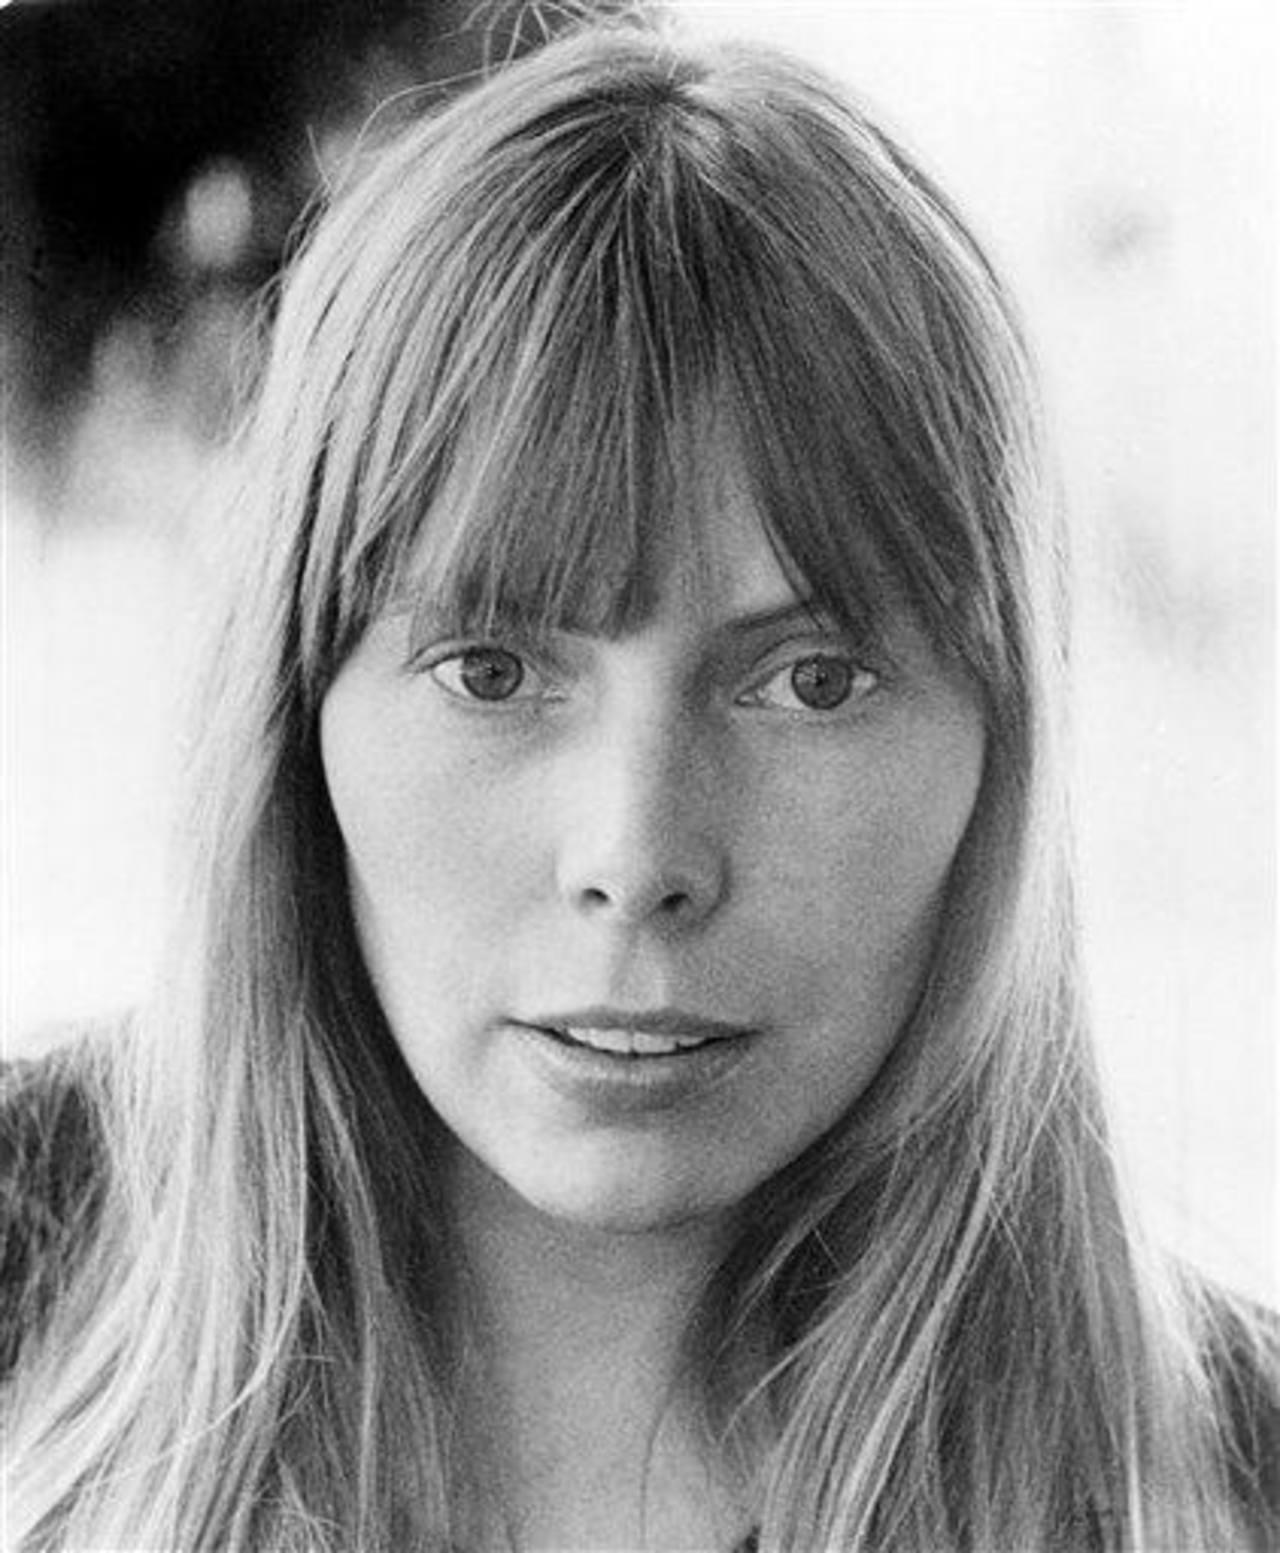 La intérprete de Woodstock en una foto de 1972.